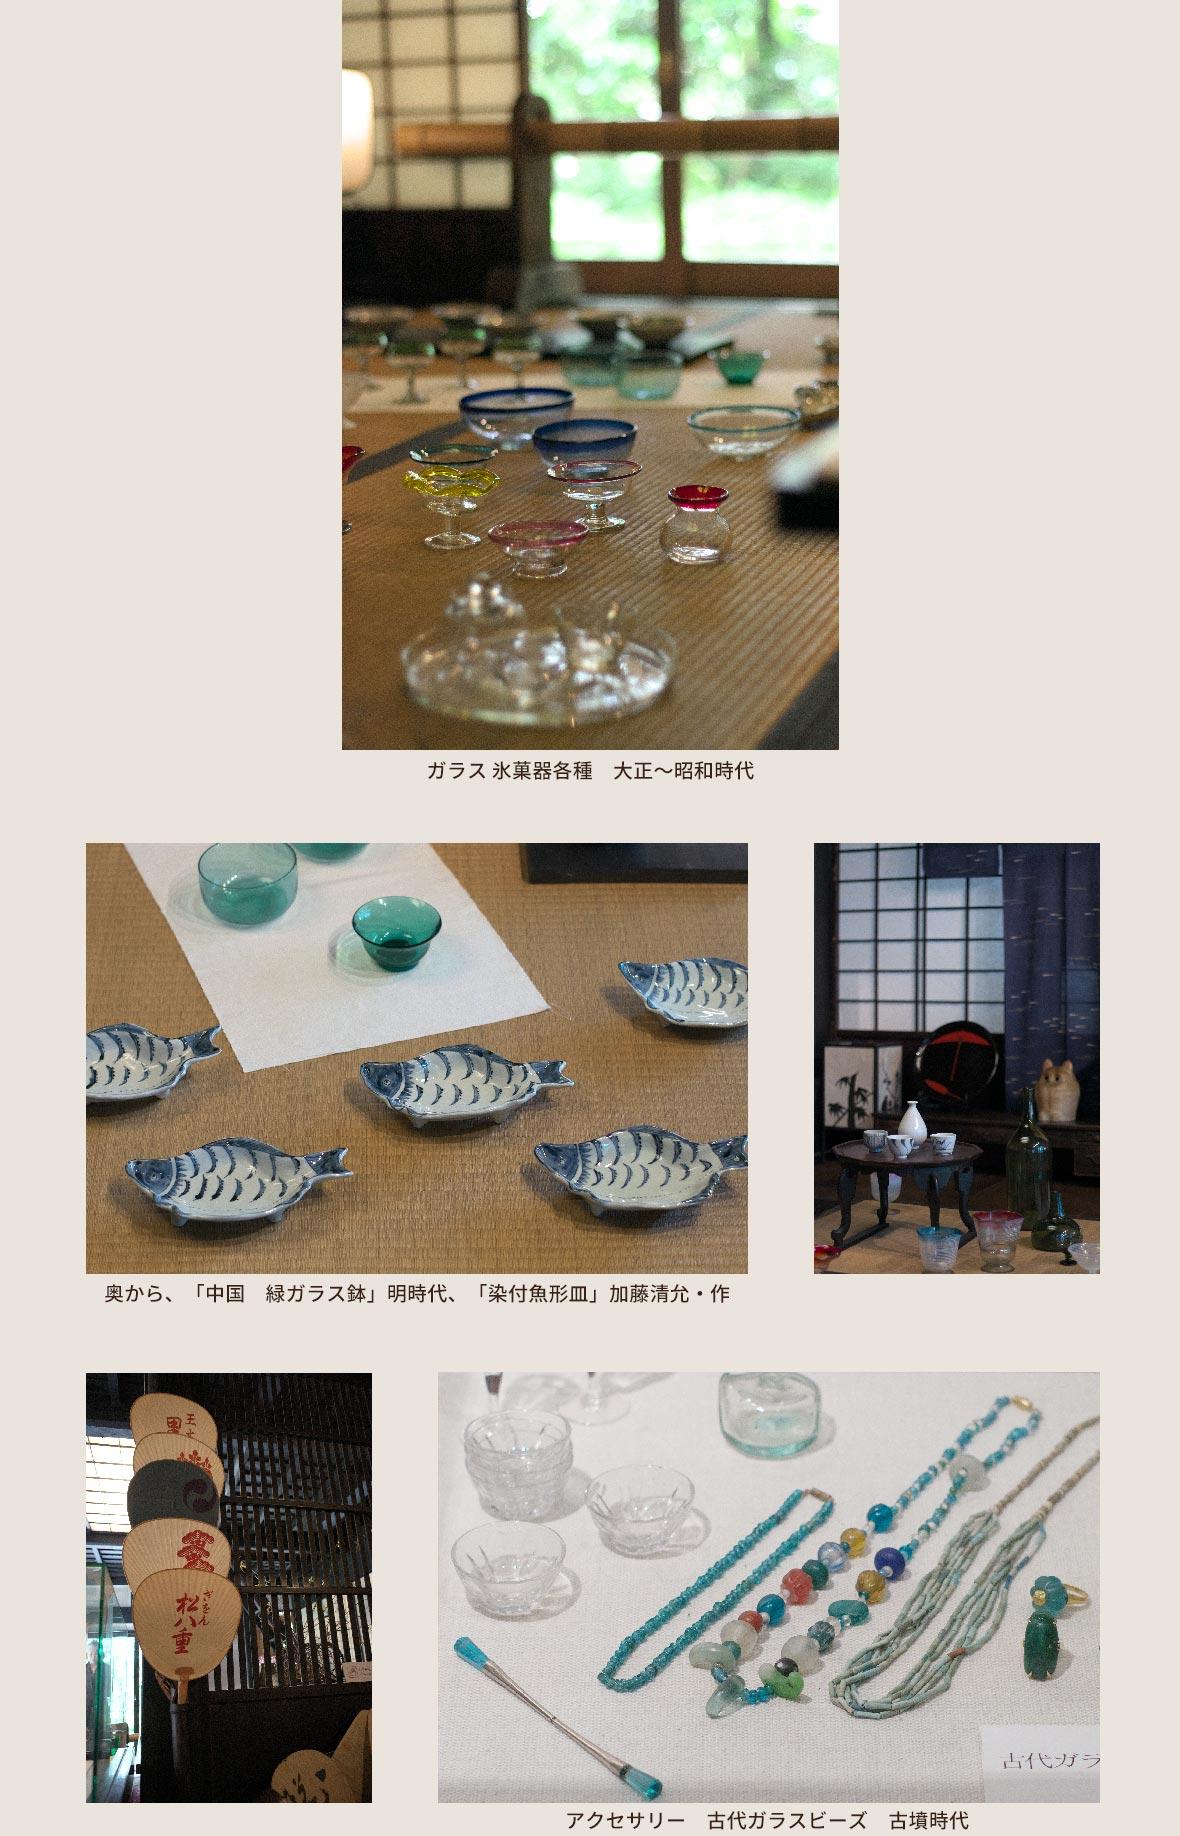 「武相荘の夏」展のご紹介—2019年夏